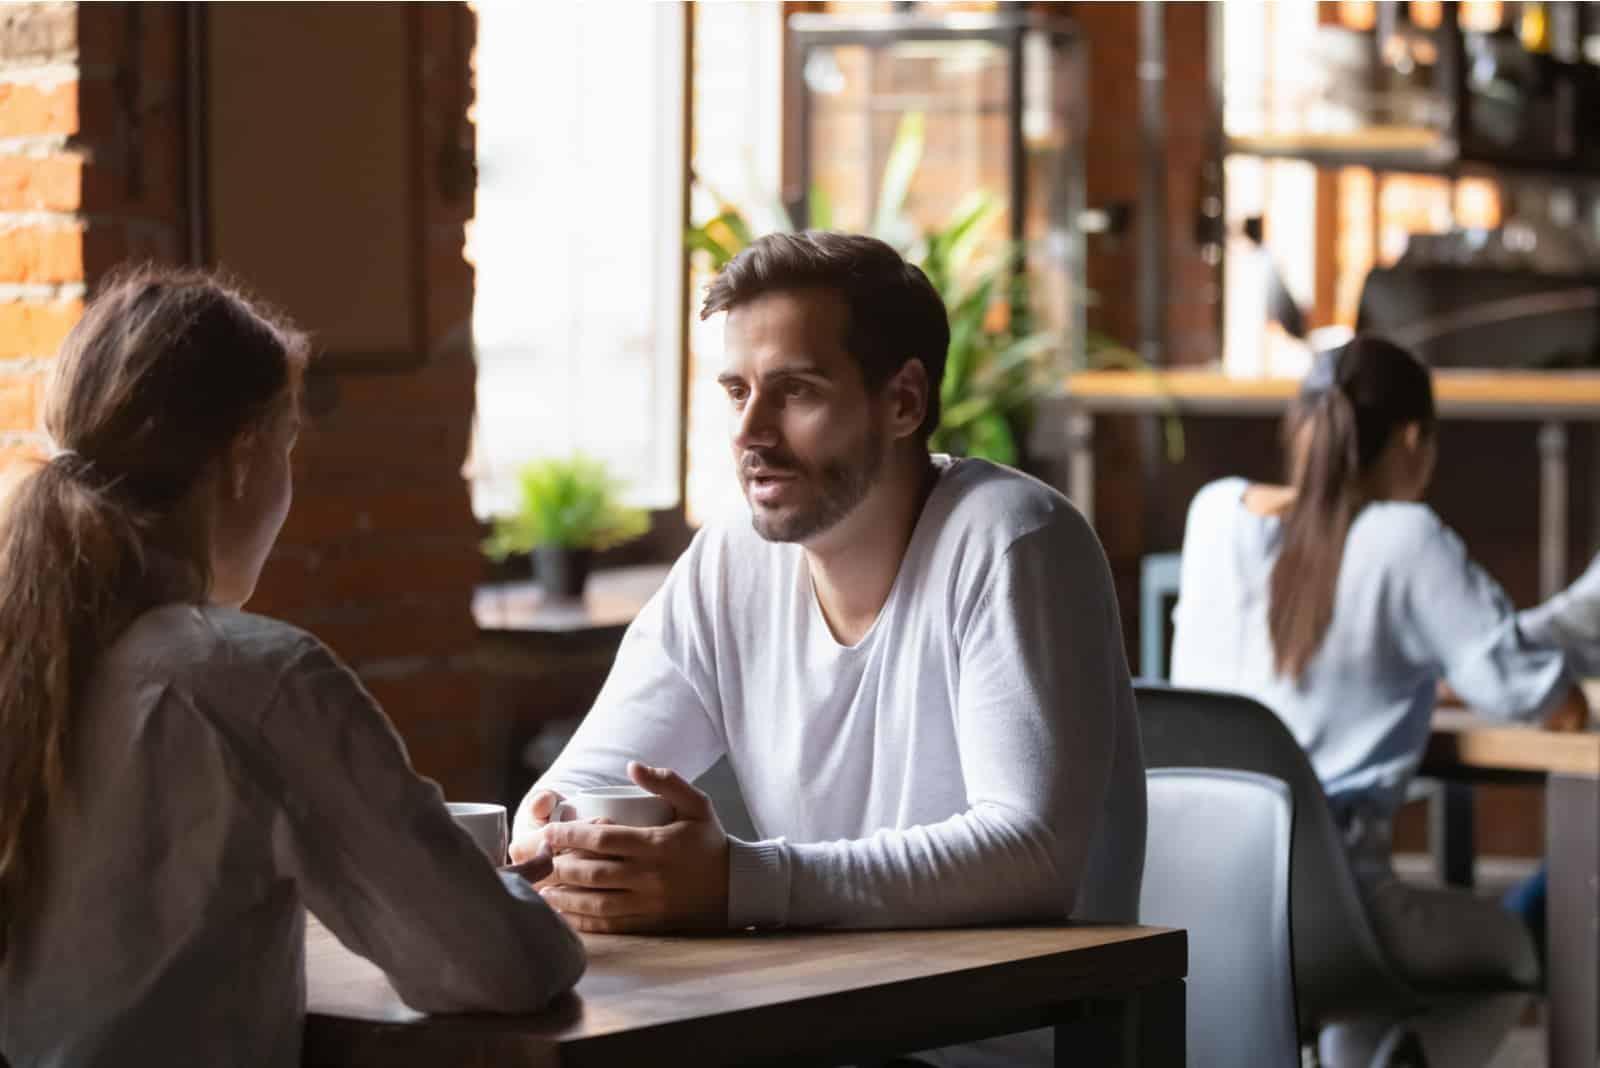 Paar sitzt am Cafétisch und trinkt heißen Kaffee hot